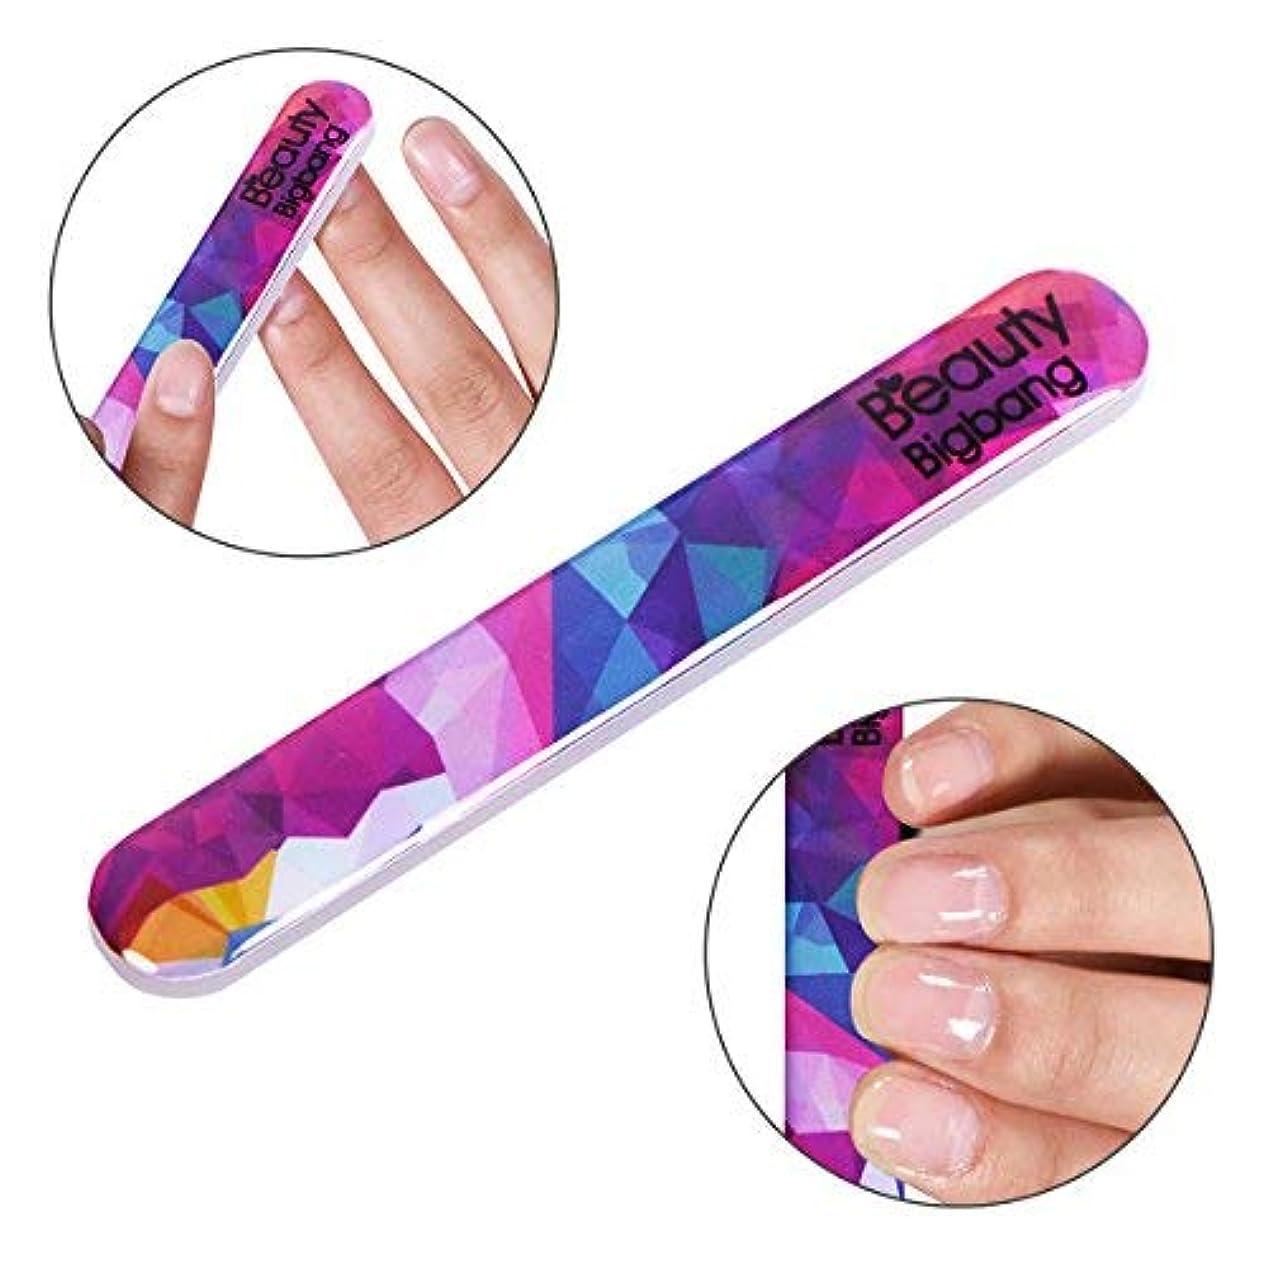 思い出させるの間で宣言yideaHome 爪やすり ガラス ケース付き ネイルファイル ネイルシャイナー つめケア ガラス製 ネイルケア 甘皮処理